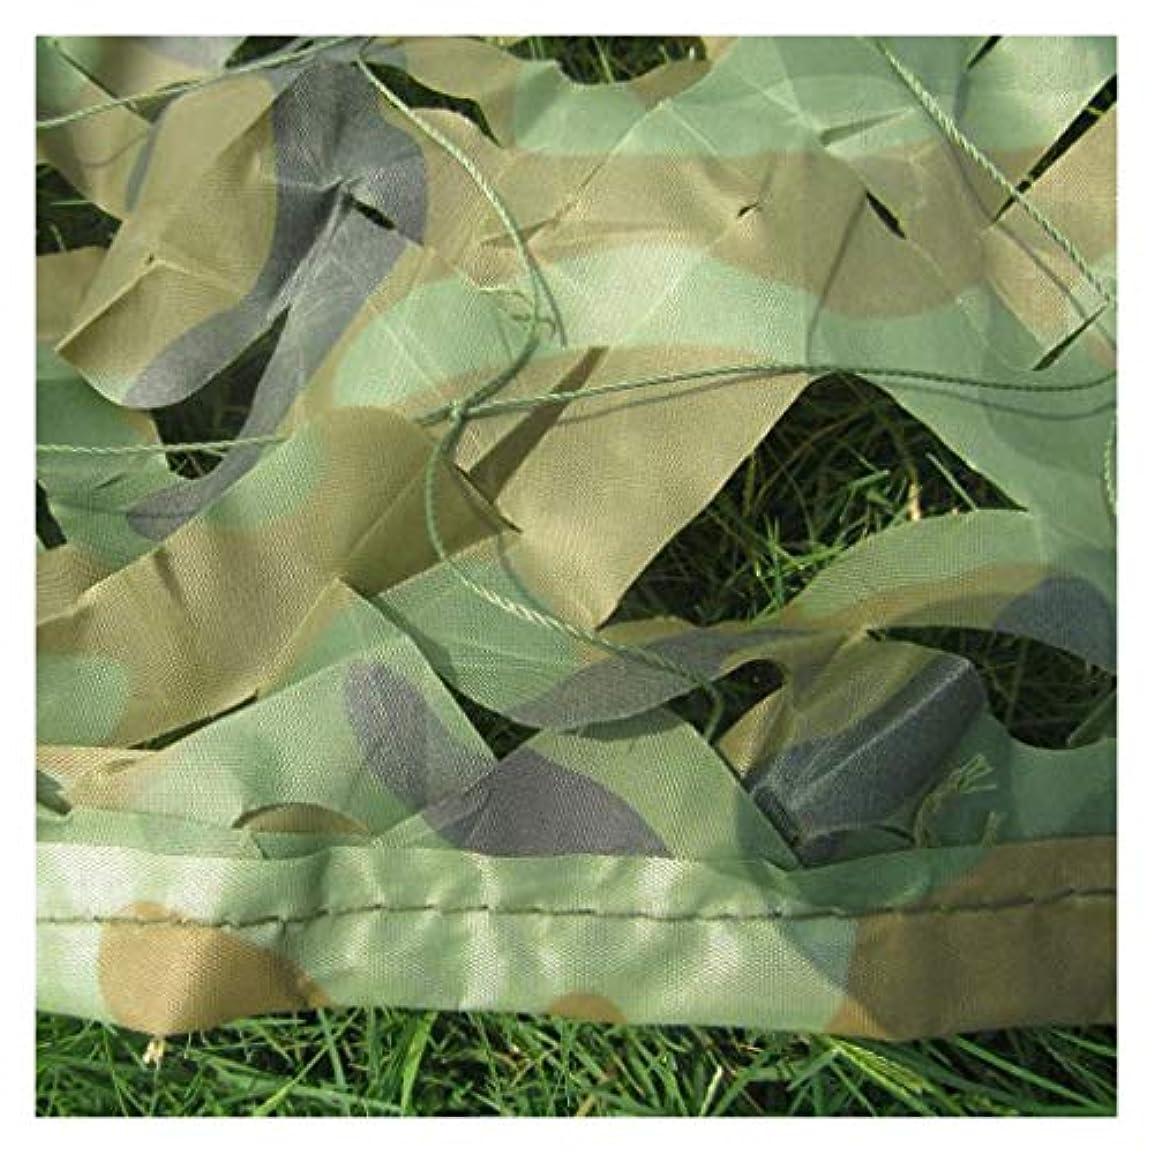 書誌カウンタオフ迷彩ネット 迷彩ネットジャングルカモフラージュネットキャンプ隠し狩猟テントカモフラージュバイザー鳥の写真撮影パーティゲームホームハロウィンクリスマスデコレーション 迷彩ネット (色 : E, サイズ さいず : 6*6m)